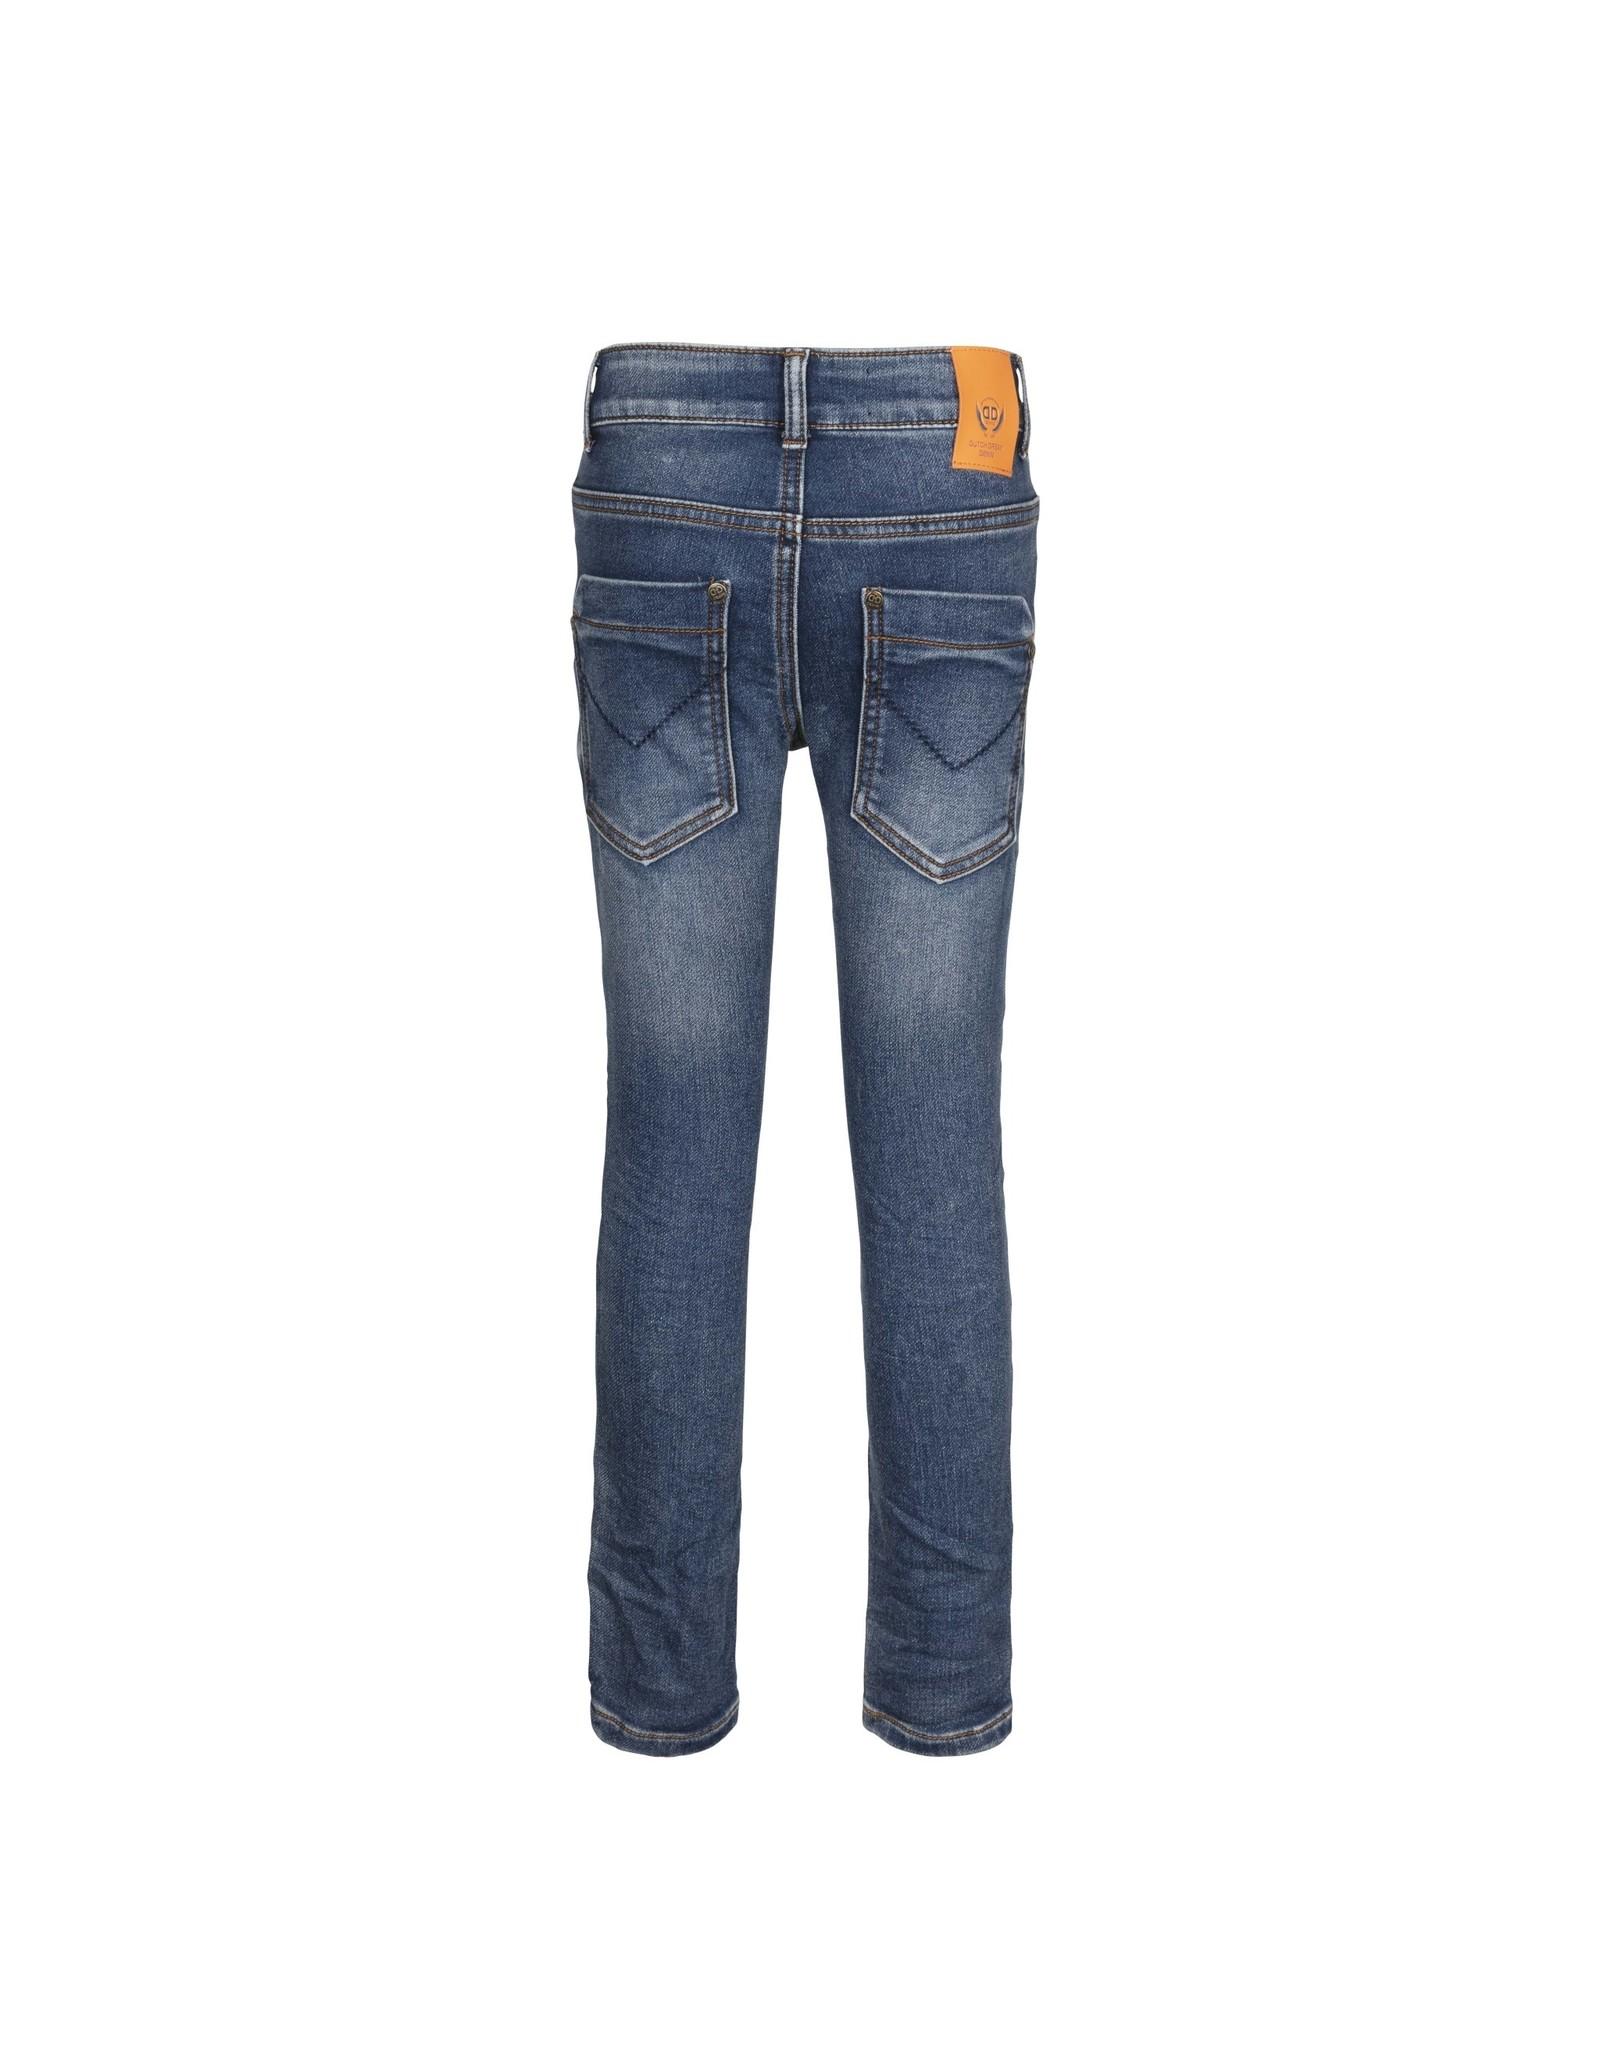 DDD DDD jongens extra slim fit jeans Ajabu